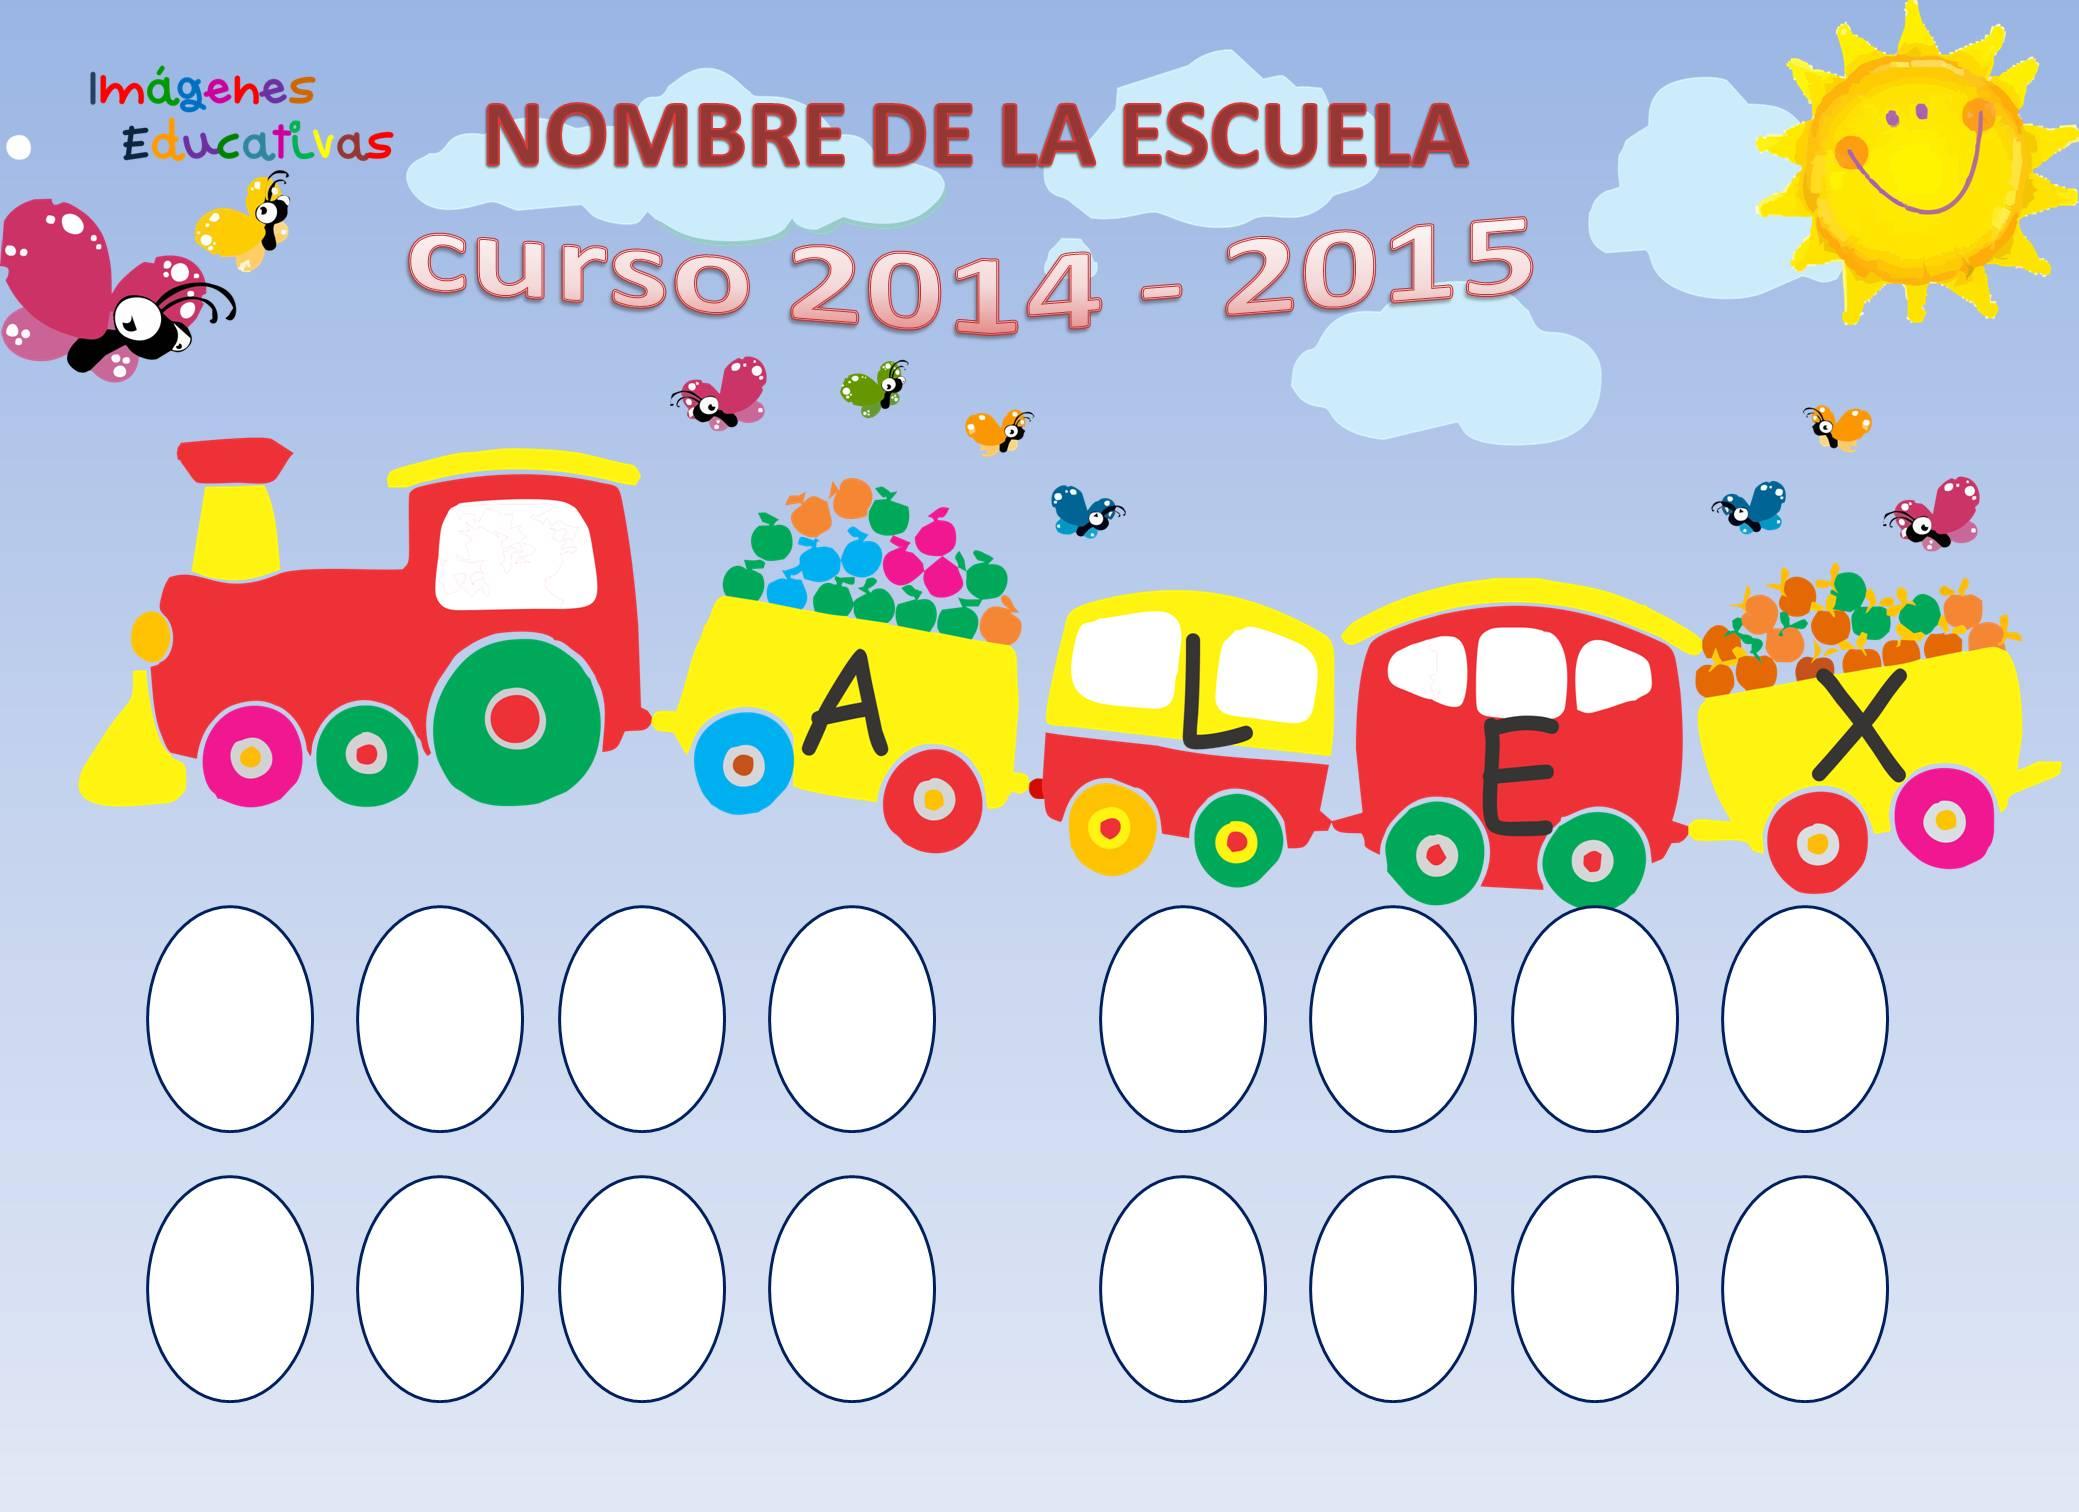 Imagenes Educativas Para Descargar: Orlas Fin De Curso Infantil Preescolar Y Primaria